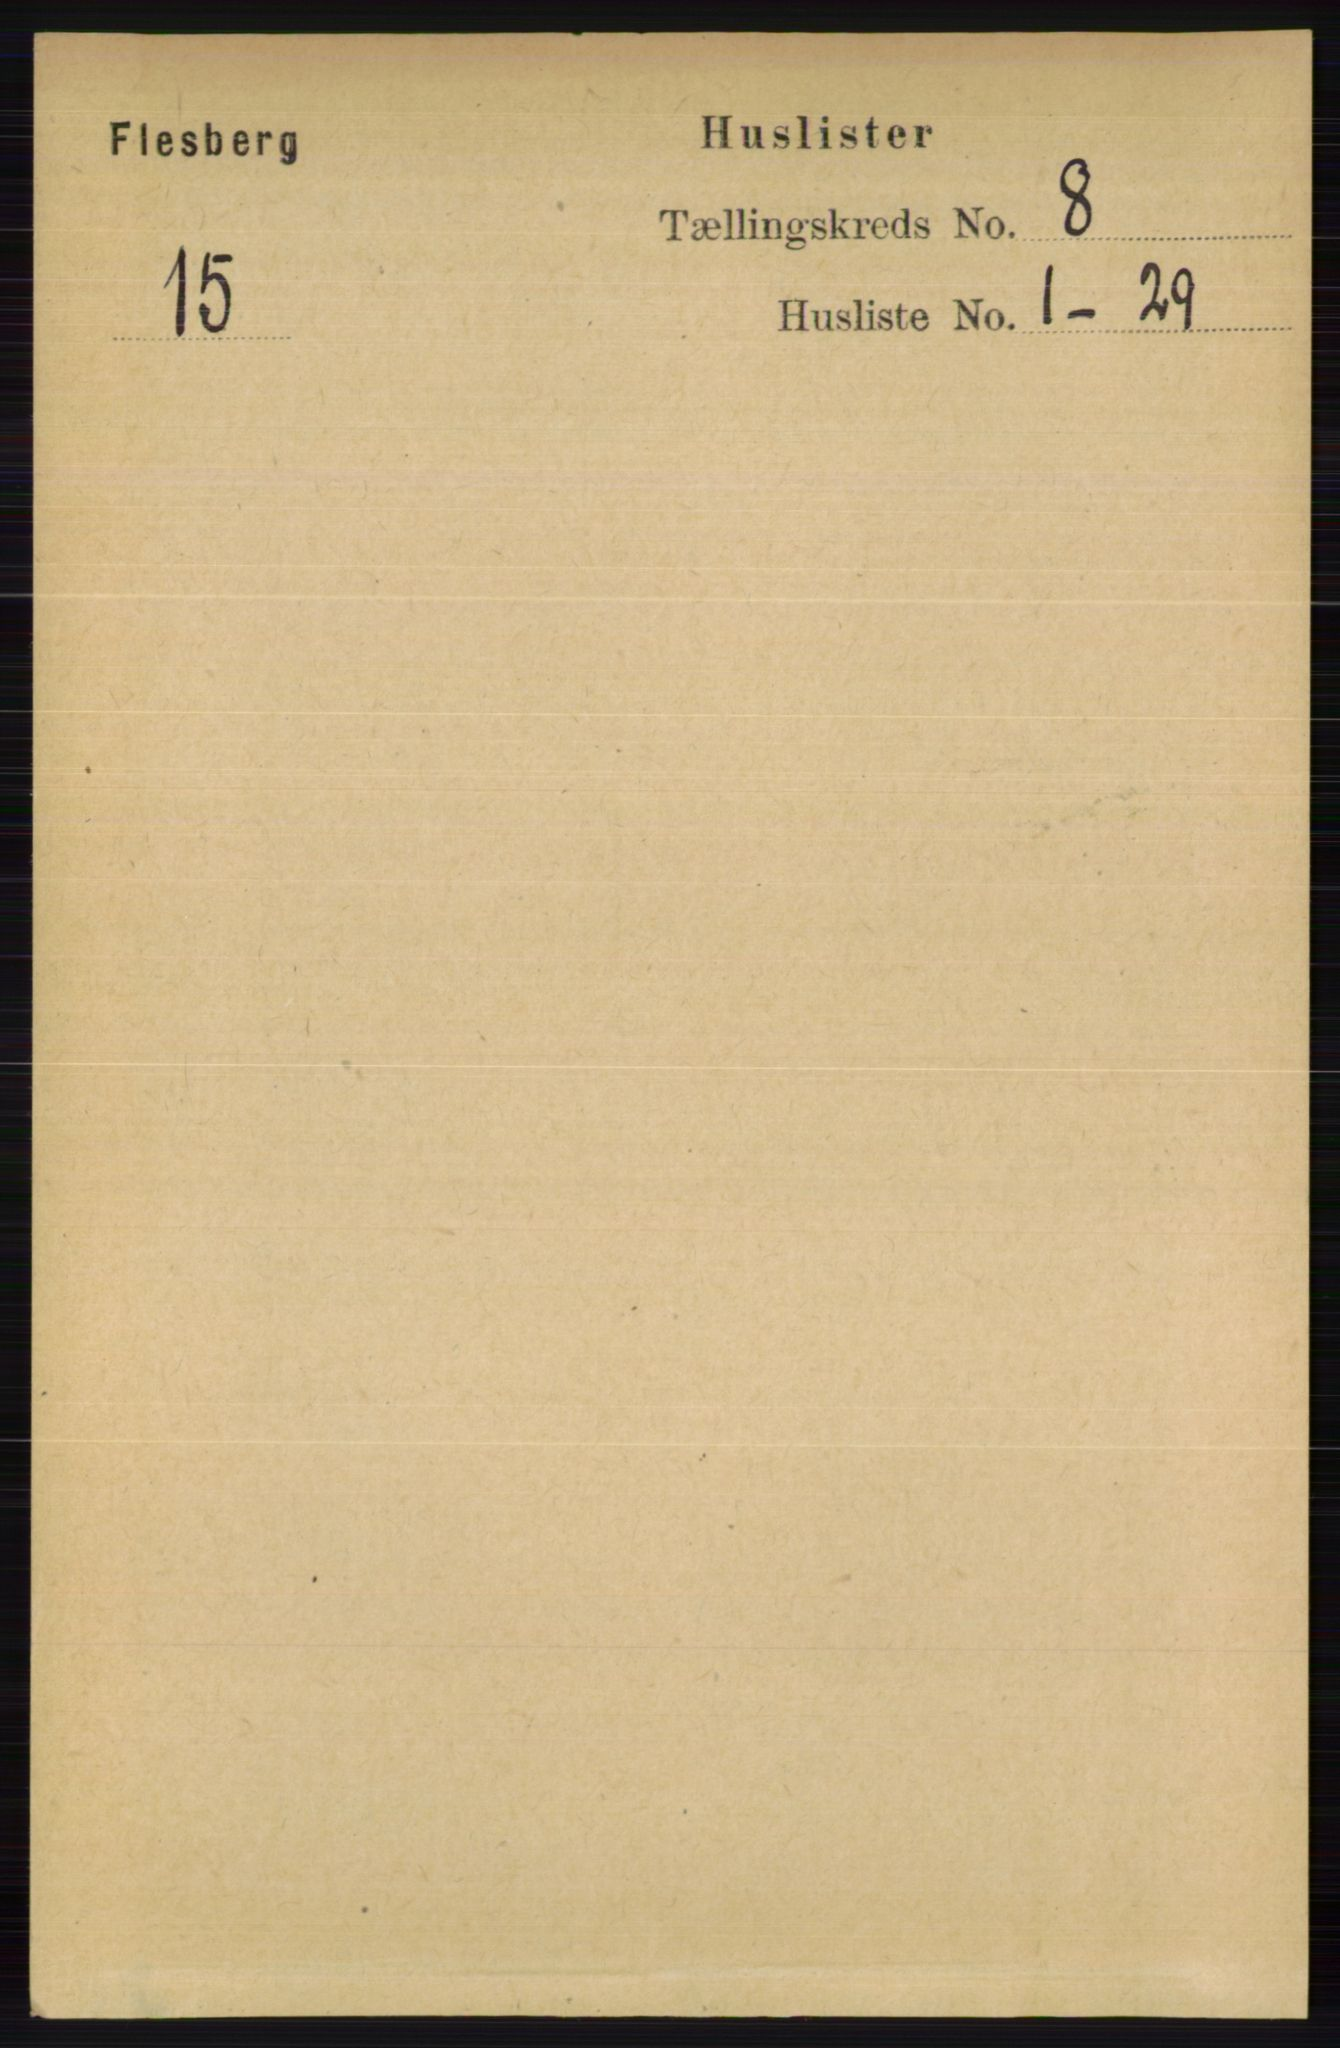 RA, Folketelling 1891 for 0631 Flesberg herred, 1891, s. 1335